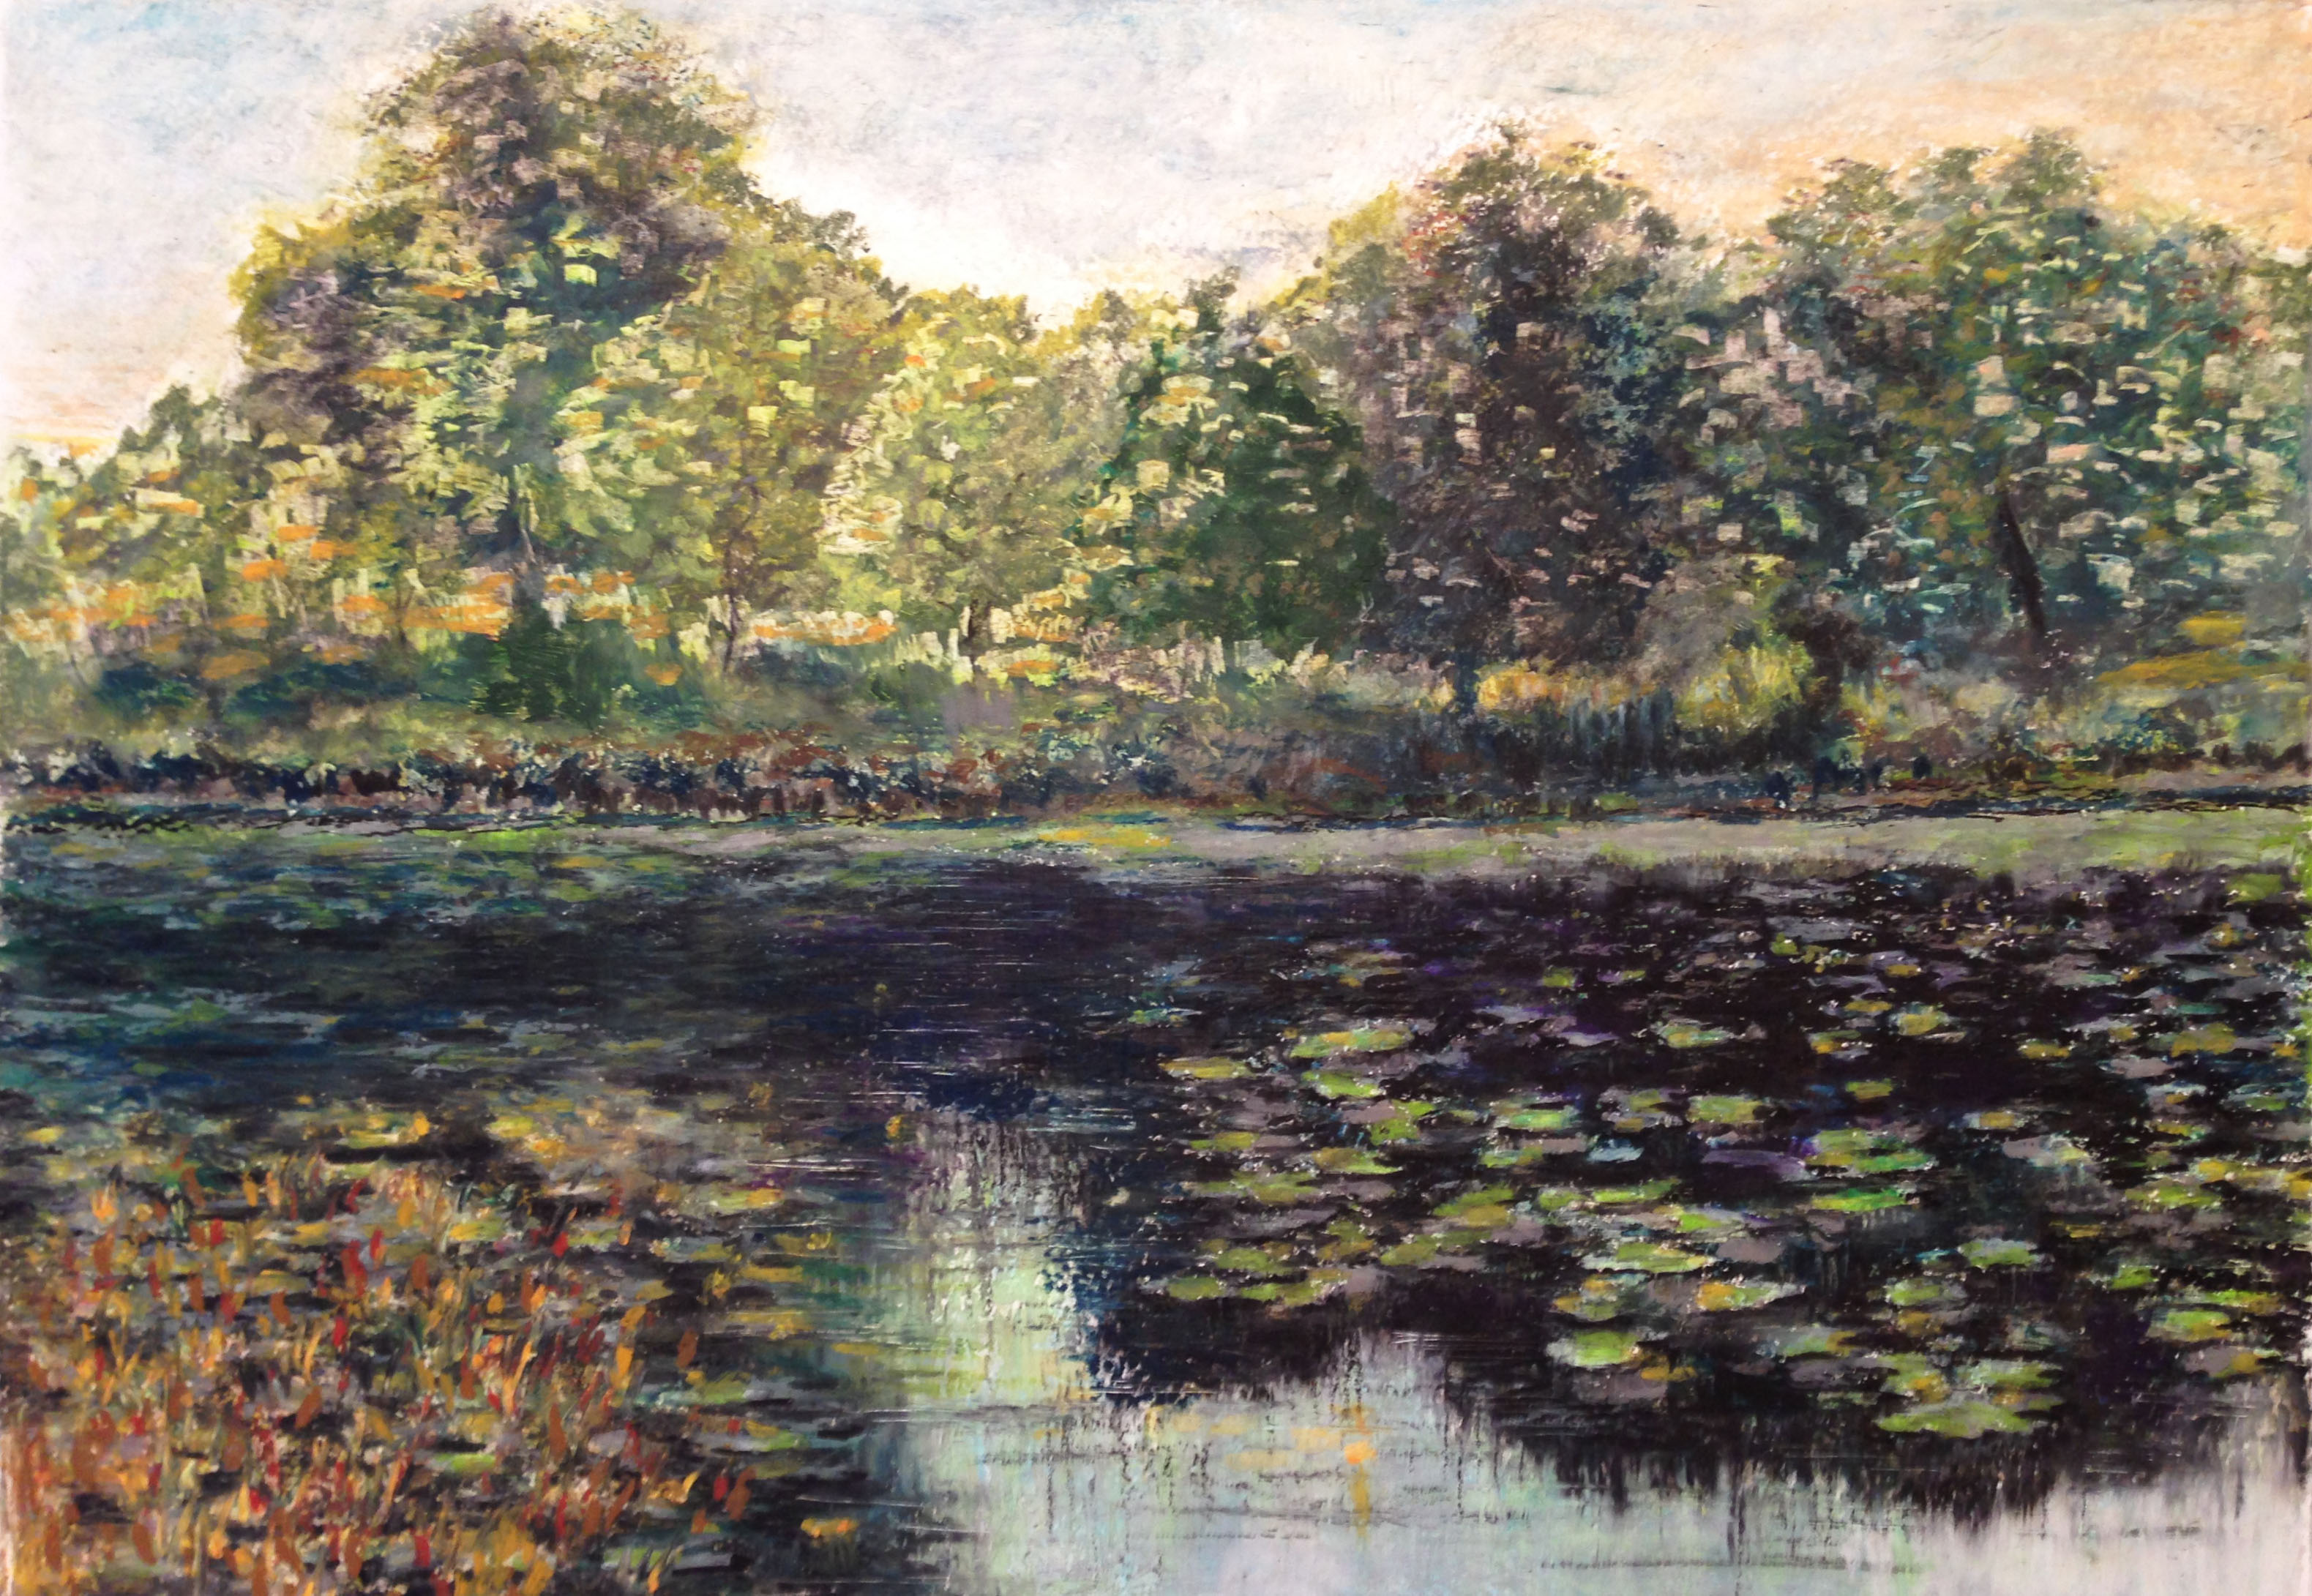 Пейзажи природы рисунок пастель пруд в лесу художник Альберт Сафиуллин